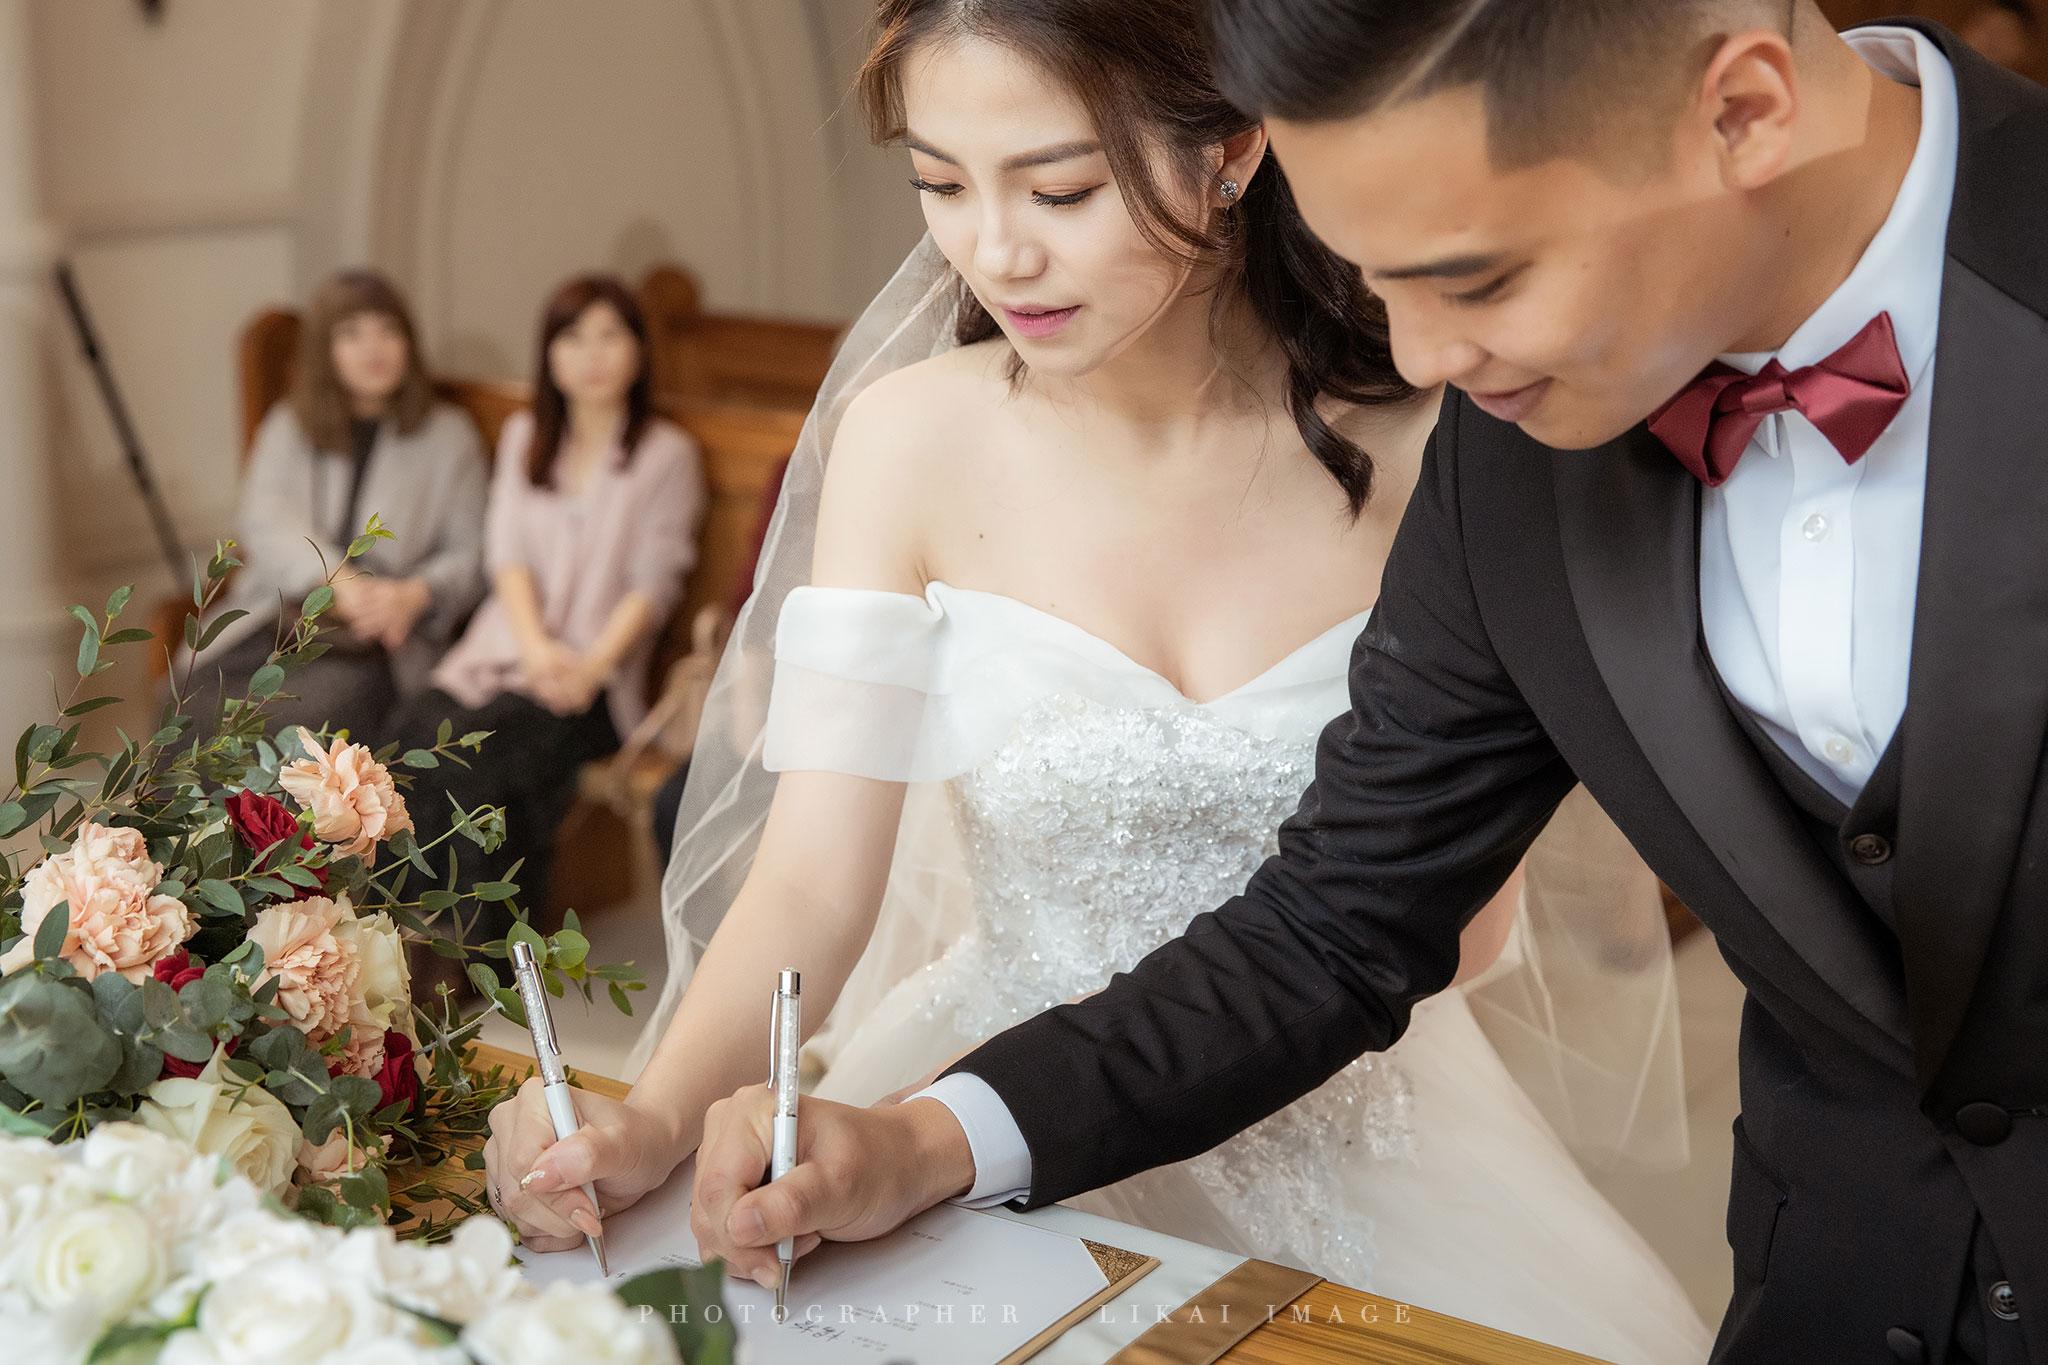 婚禮紀錄 - Celine & Jason - 翡麗詩莊園